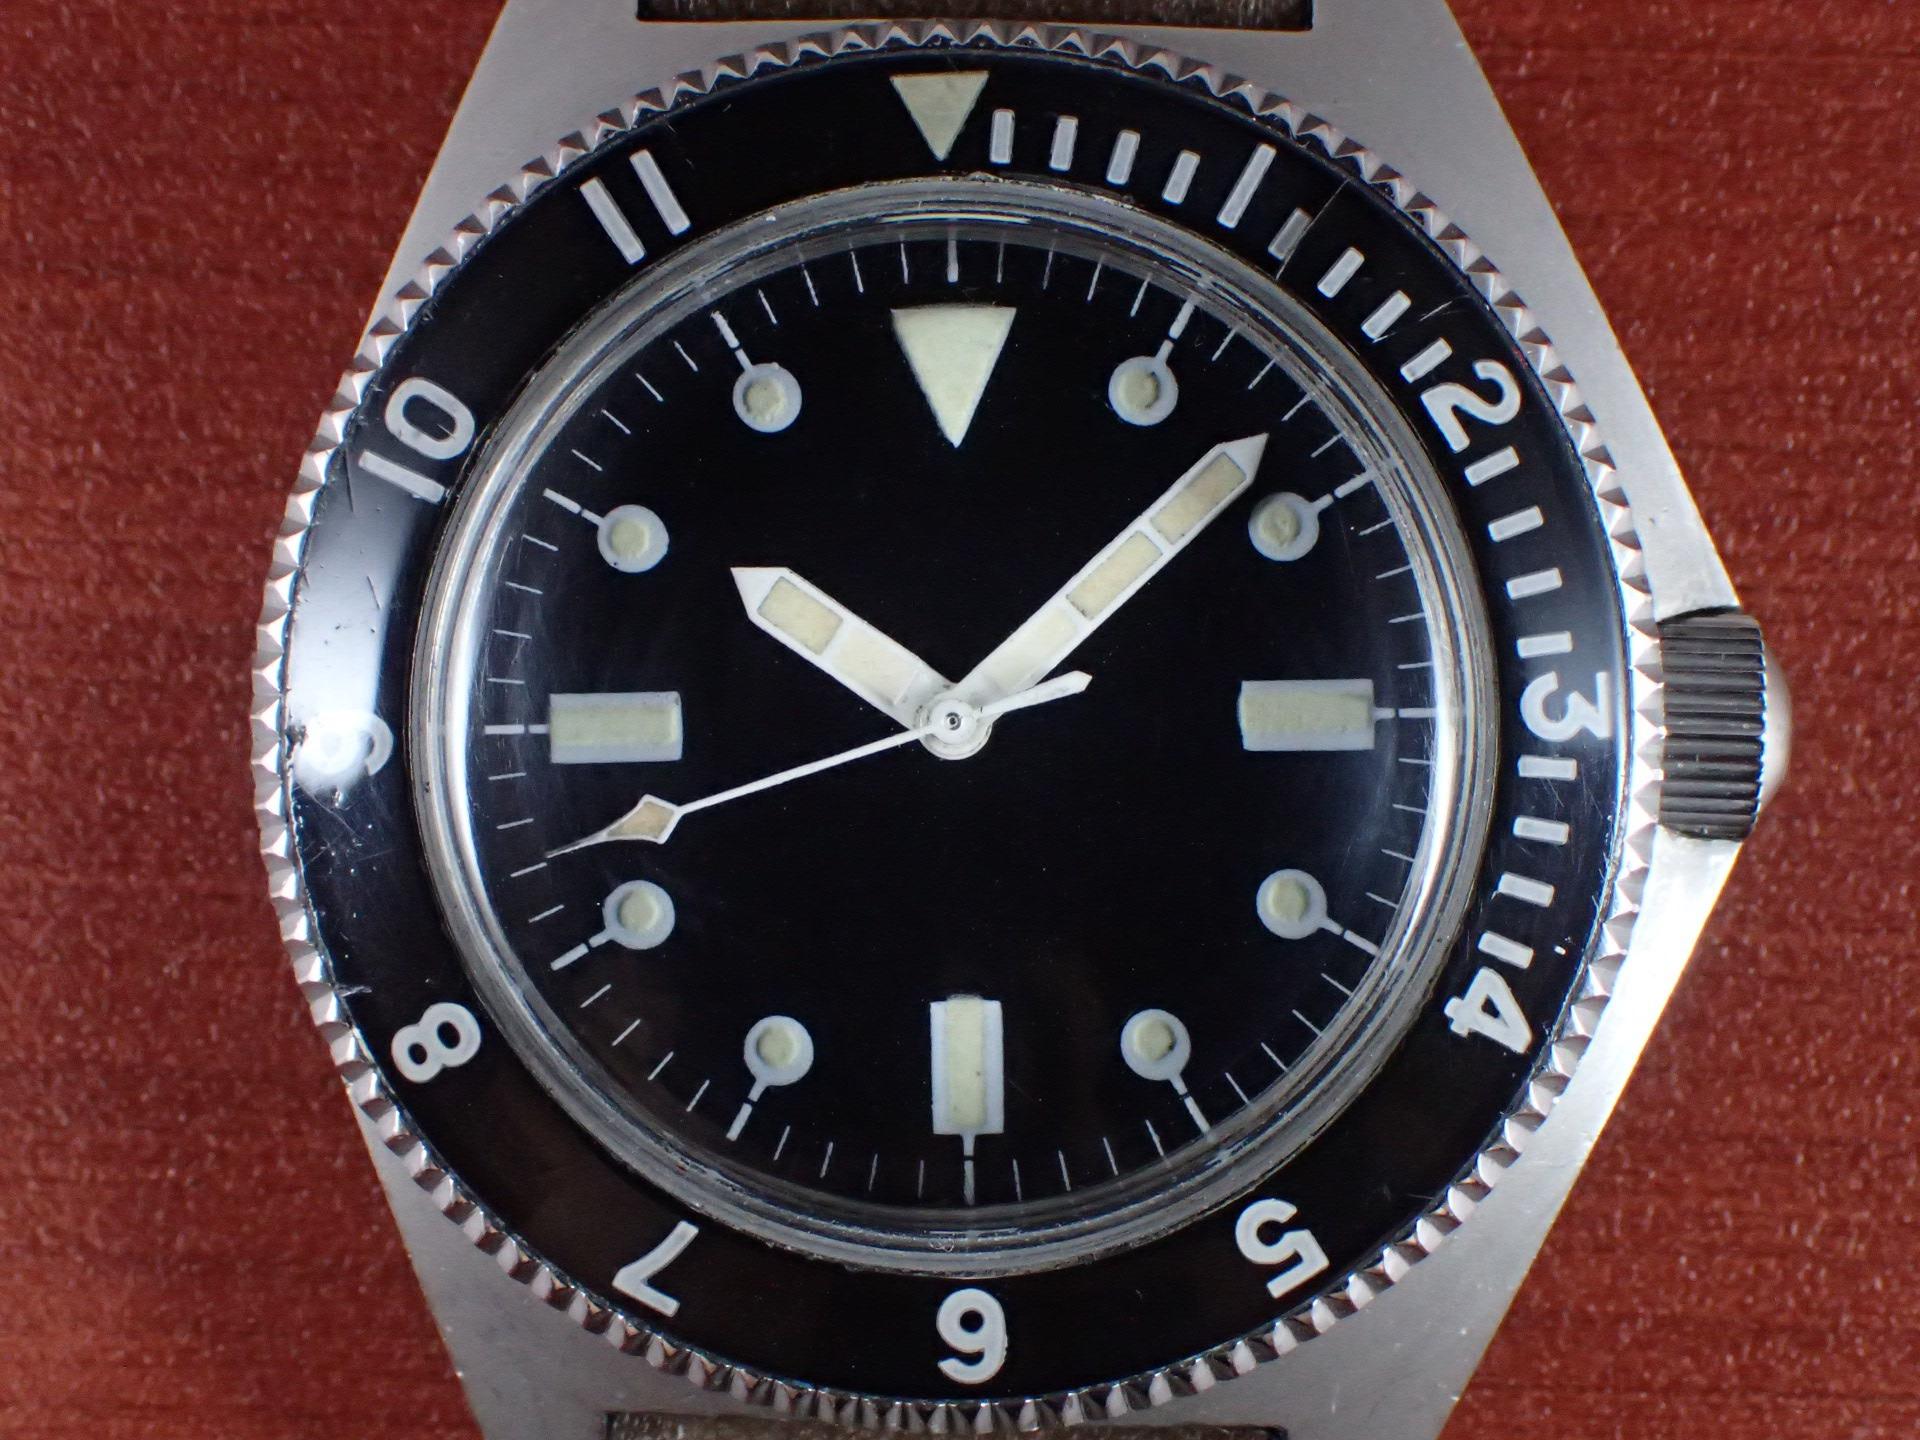 ベンラス 米軍特殊部隊 タイプ1クラスA MIL-W-50717 1979年製 の写真2枚目